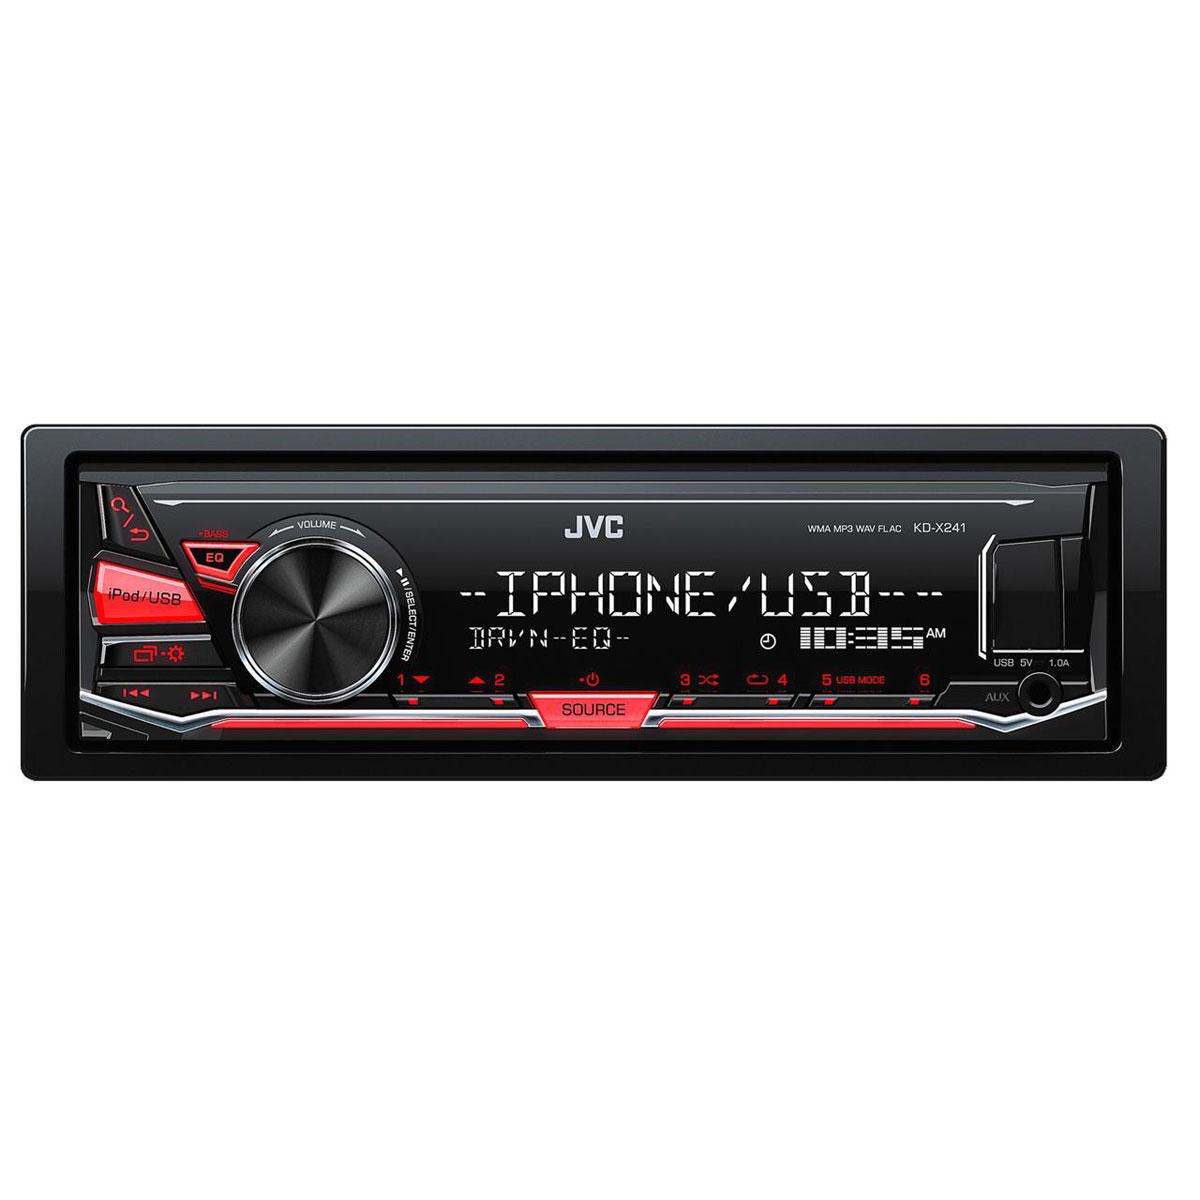 Autoradio JVC KD-X241 Autoradio MP3 / FM pour iPod/iPhone, Android, port USB et entrée AUX